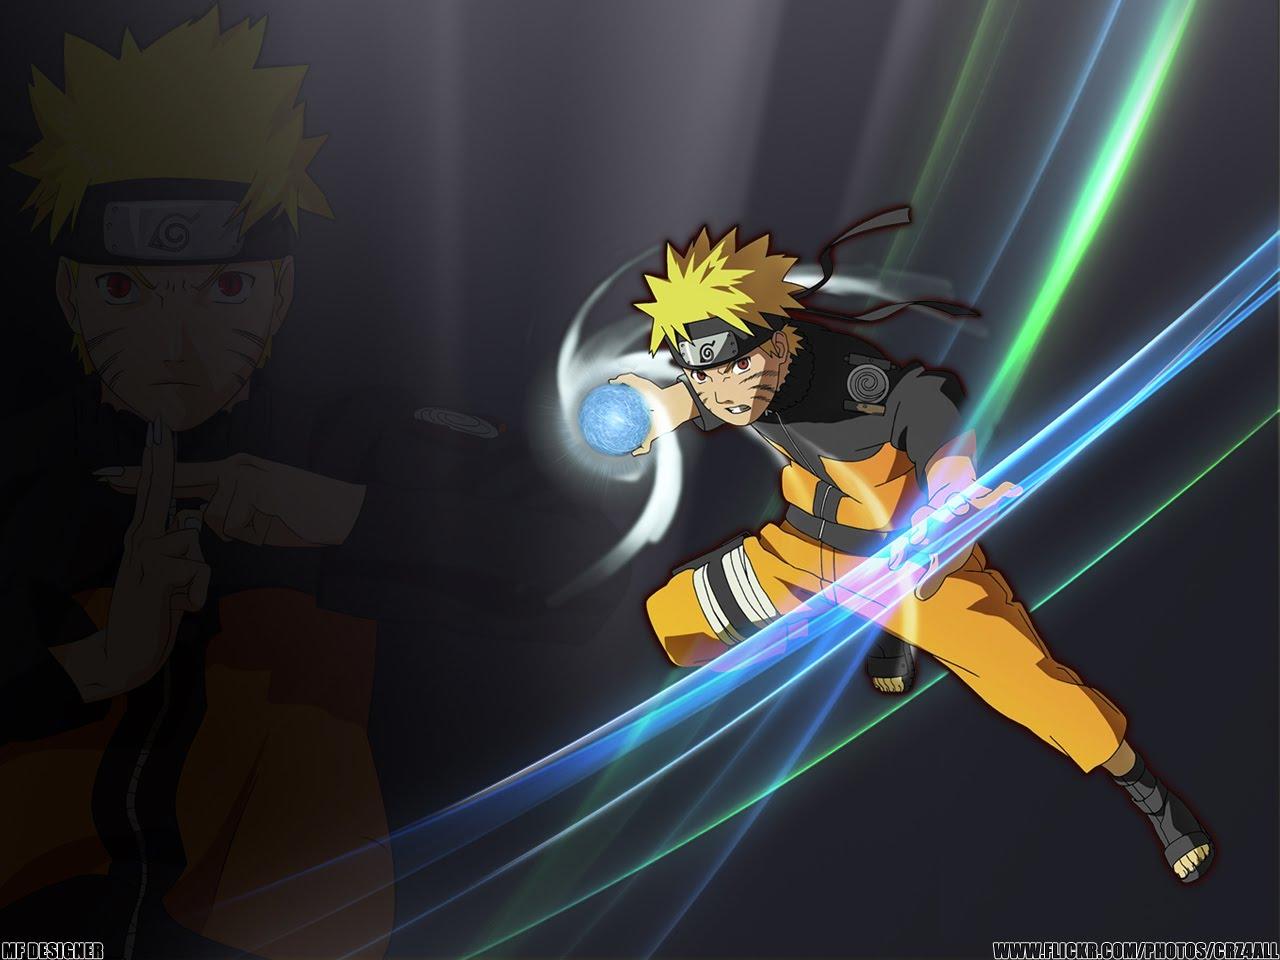 http://1.bp.blogspot.com/_MKIgRCJ9hC4/S7N2RsmlrFI/AAAAAAAABQg/jLwRjvT4VQ8/s1600/Naruto+rasengan.jpeg